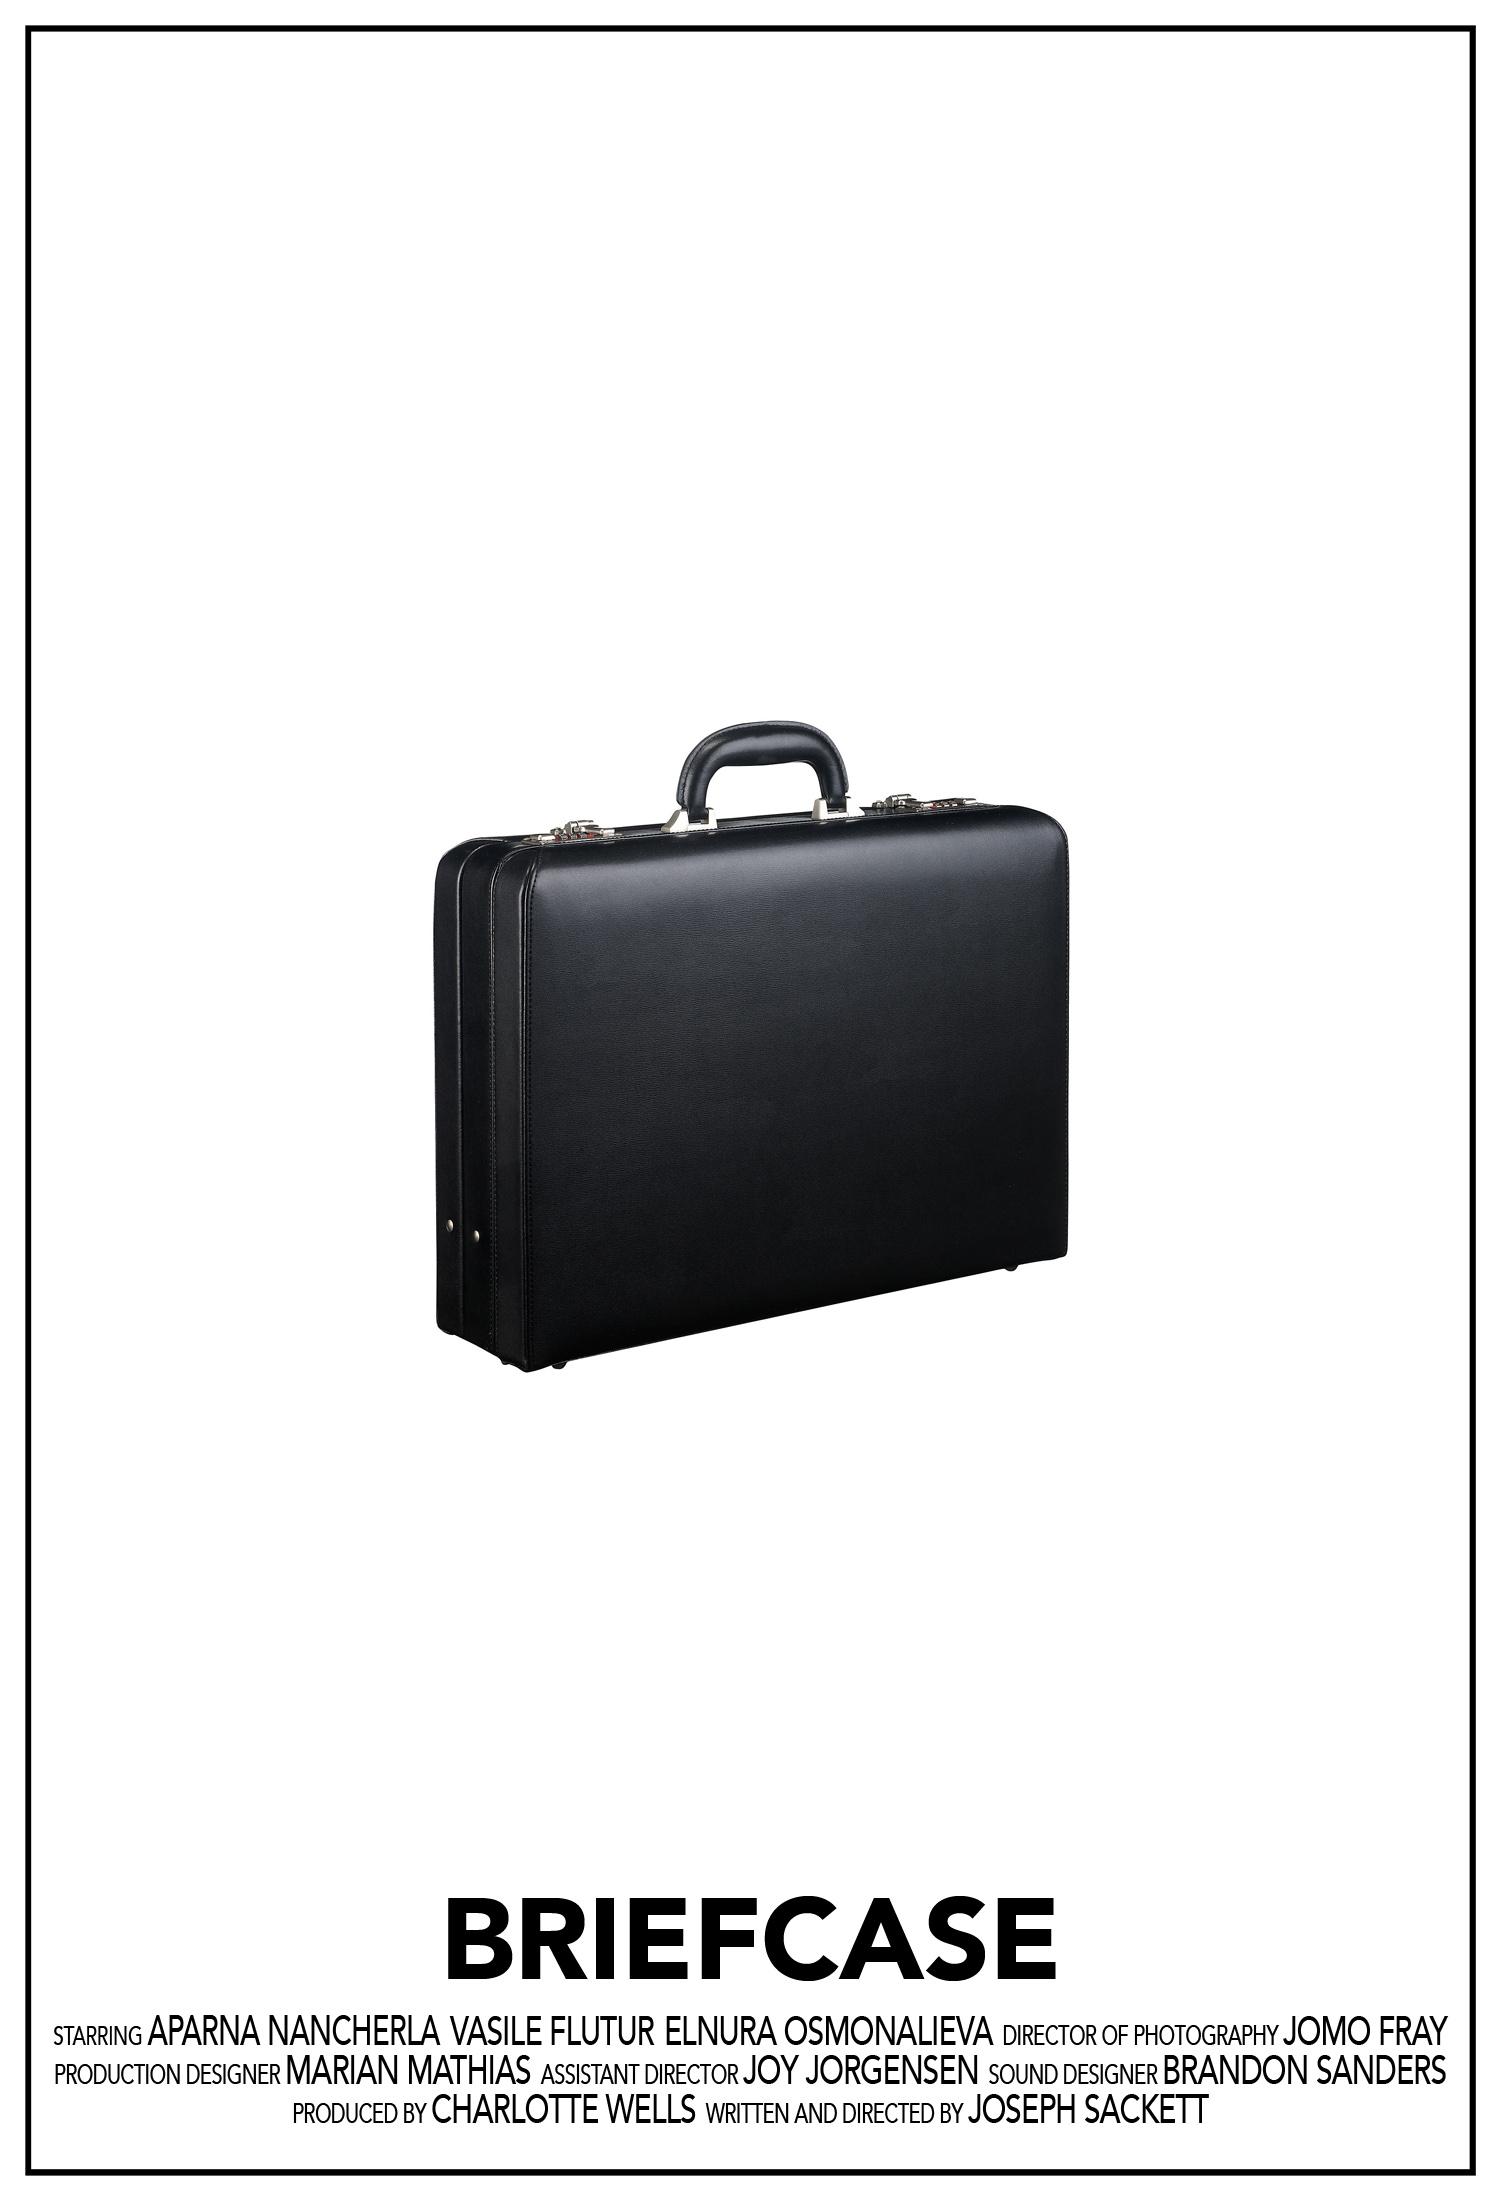 Briefcase_Poster_1500.jpg